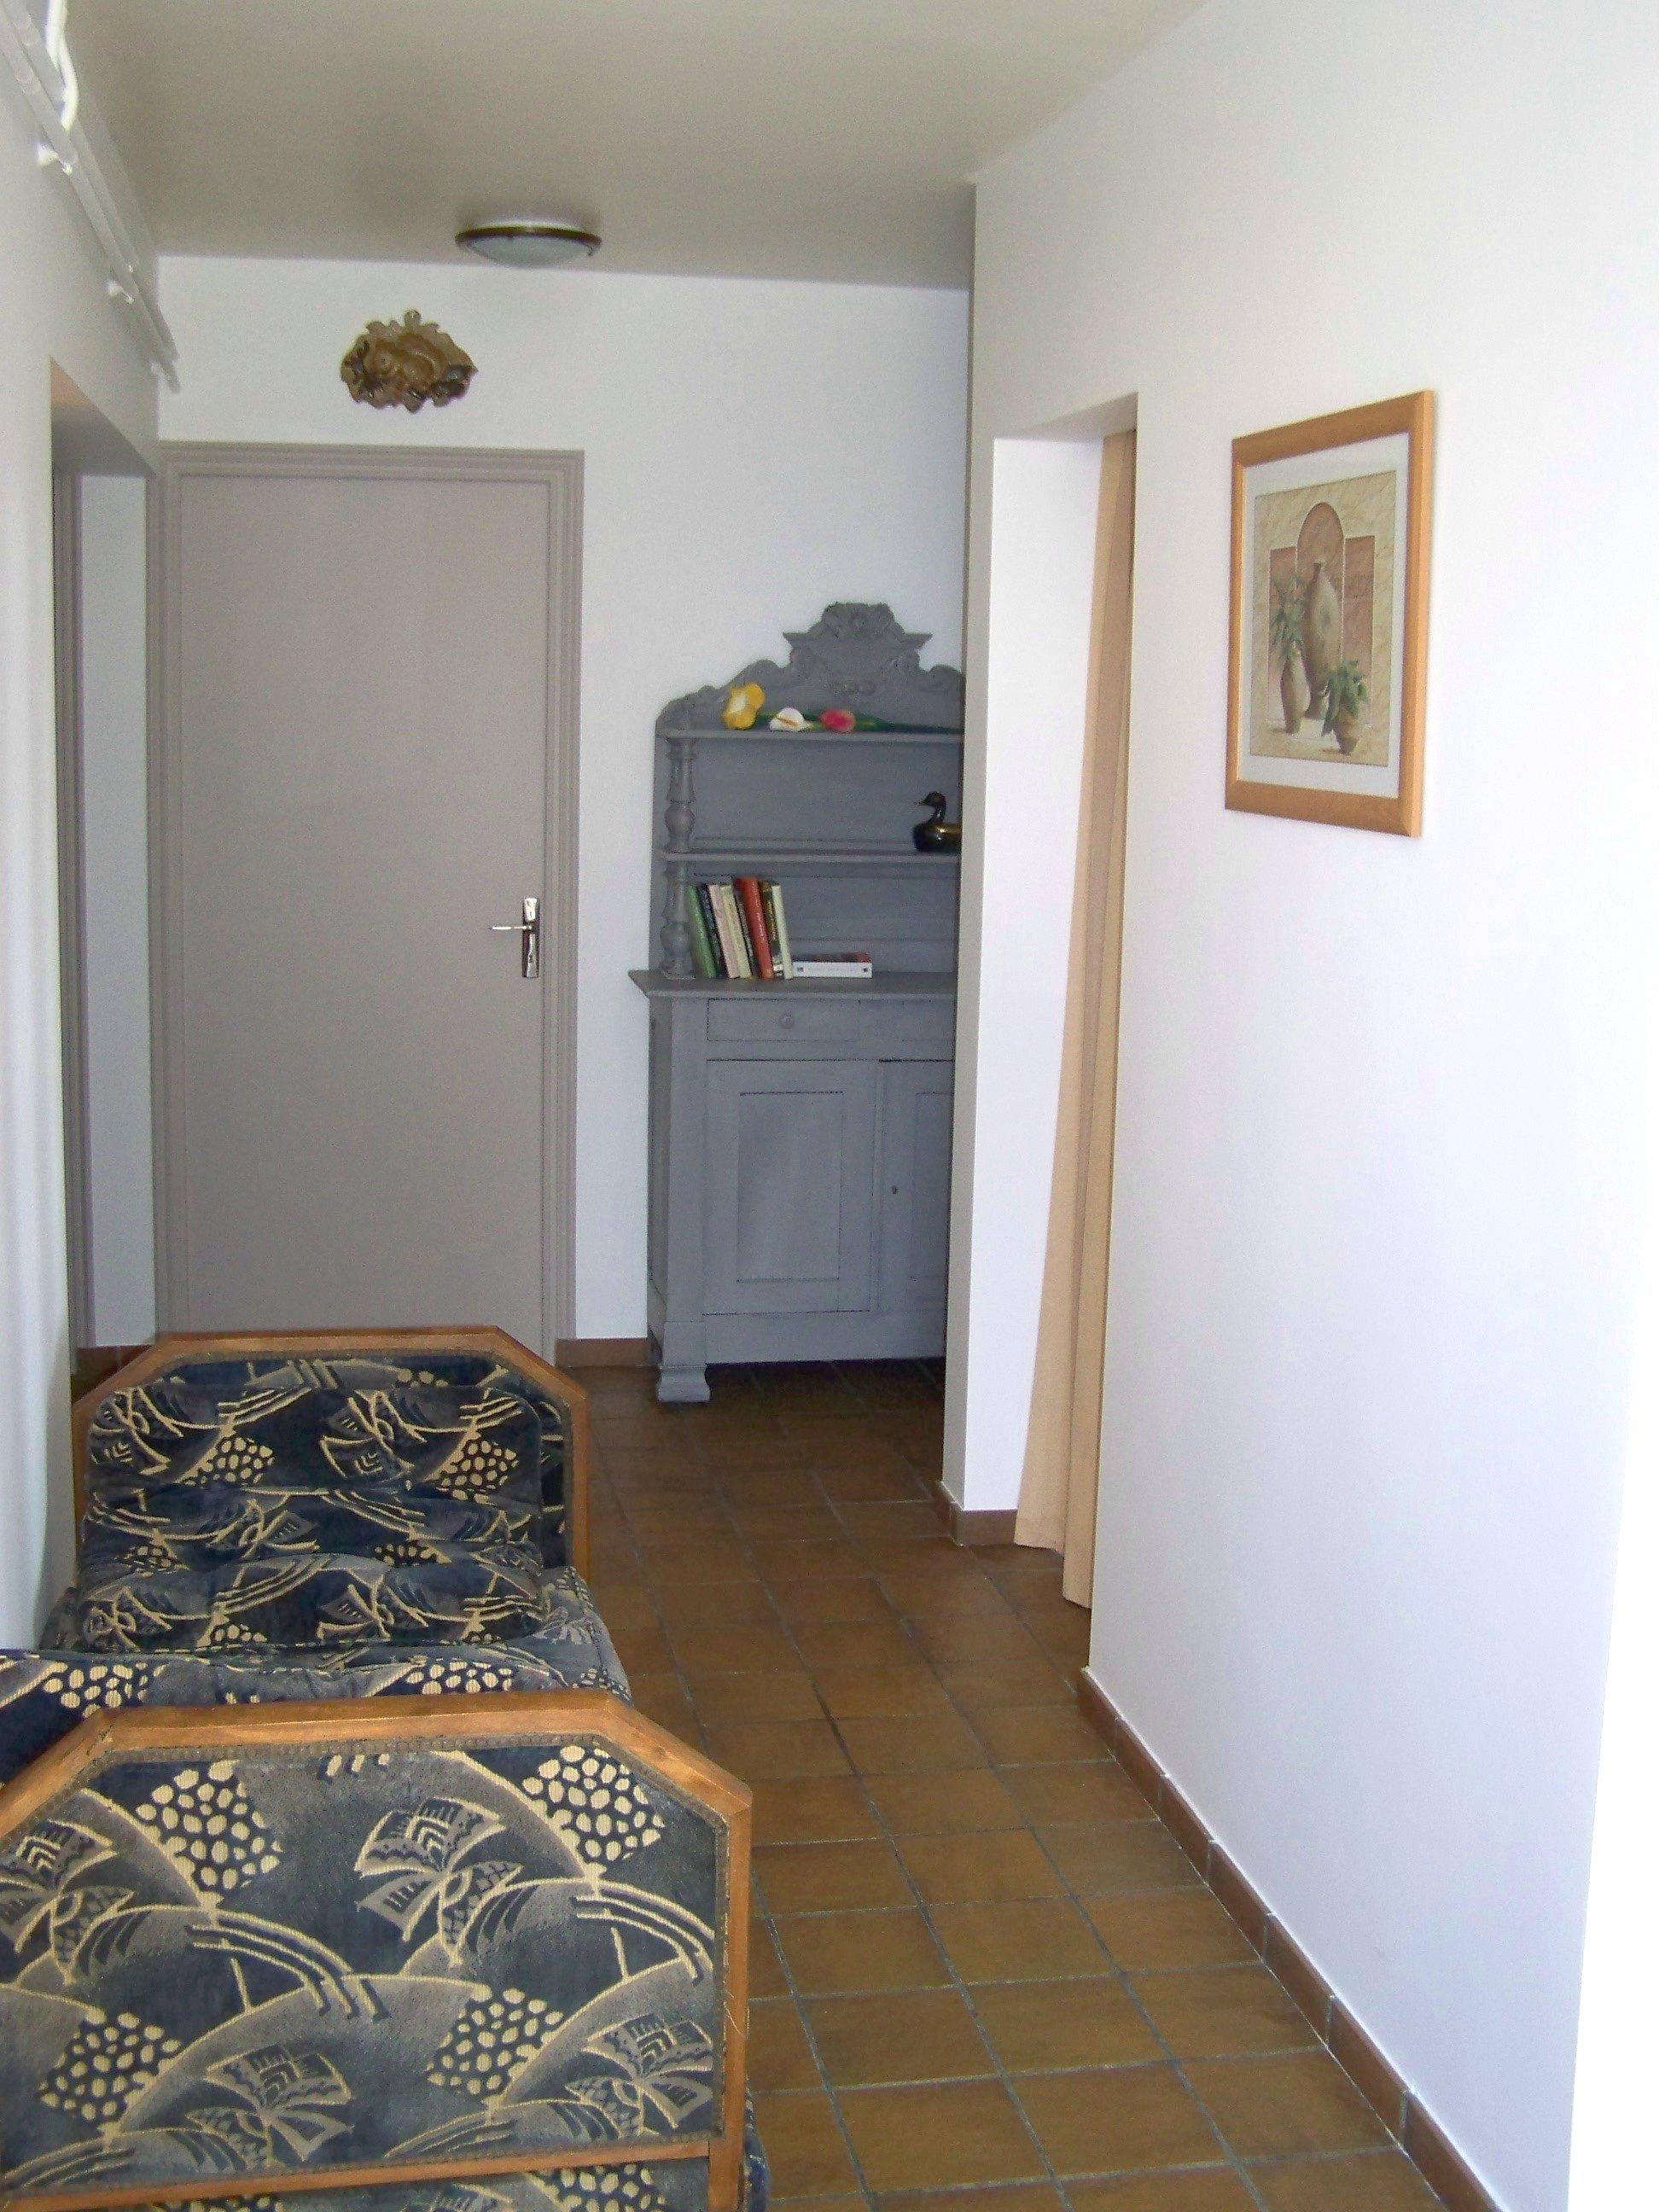 autre maison 1 appartement au rez de chauss e class 2 toiles 5 personnes ref 426. Black Bedroom Furniture Sets. Home Design Ideas